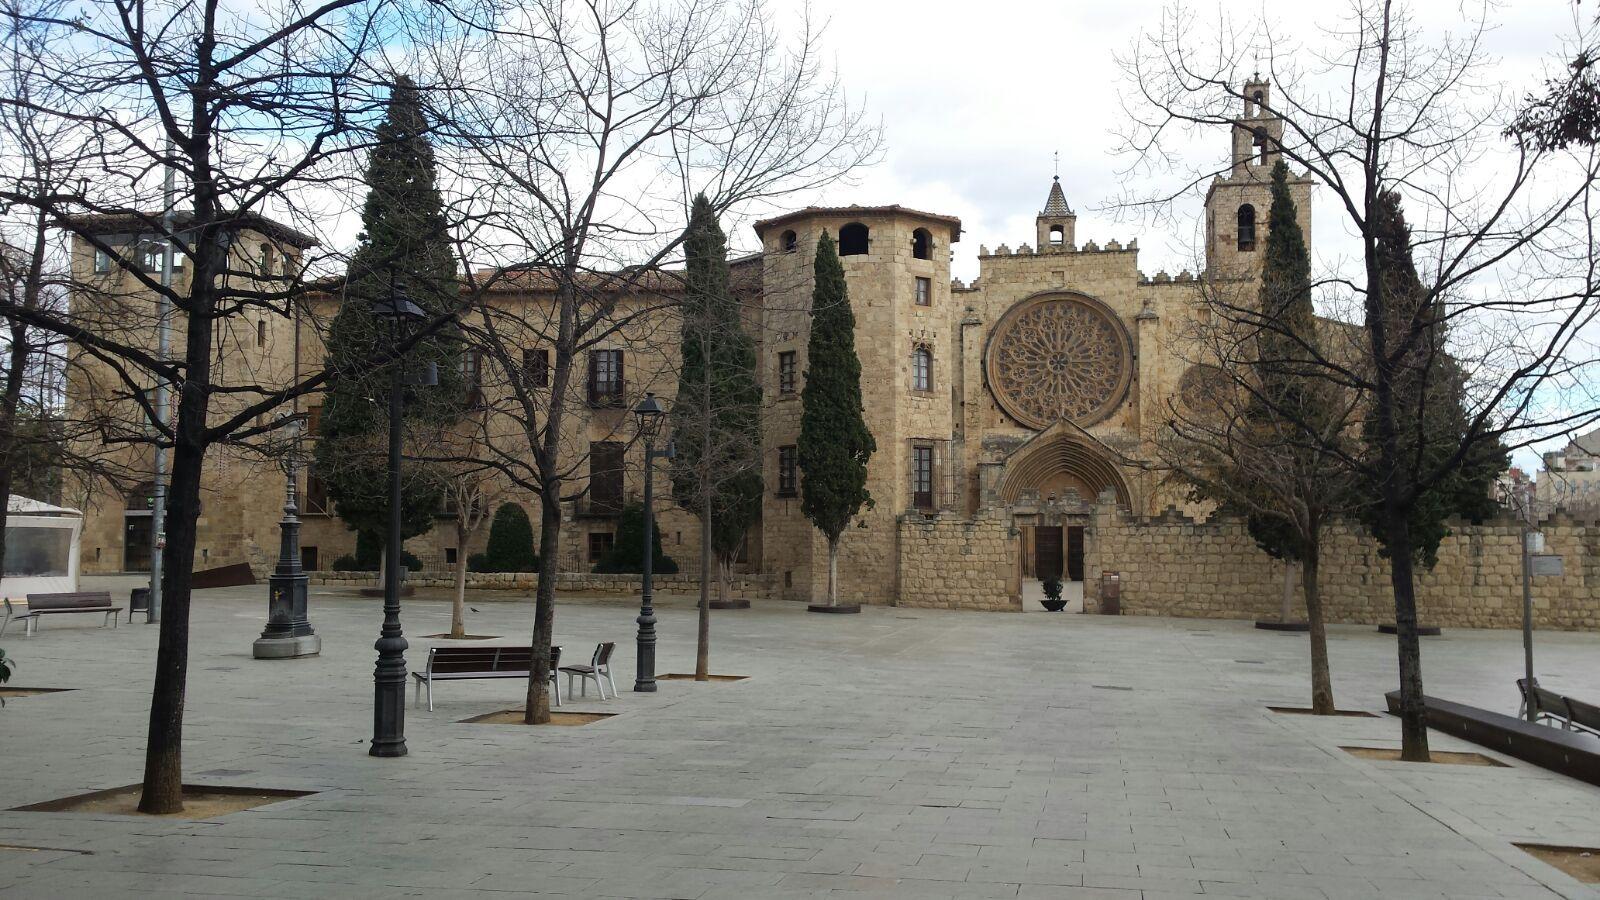 La Situación Estratégica Del Monasterio De Sant Cugat Del Vallés Por Su Proximidad A Barcelona Y La Interconexión De Cami Monasterios Barcelona Lugar De Culto